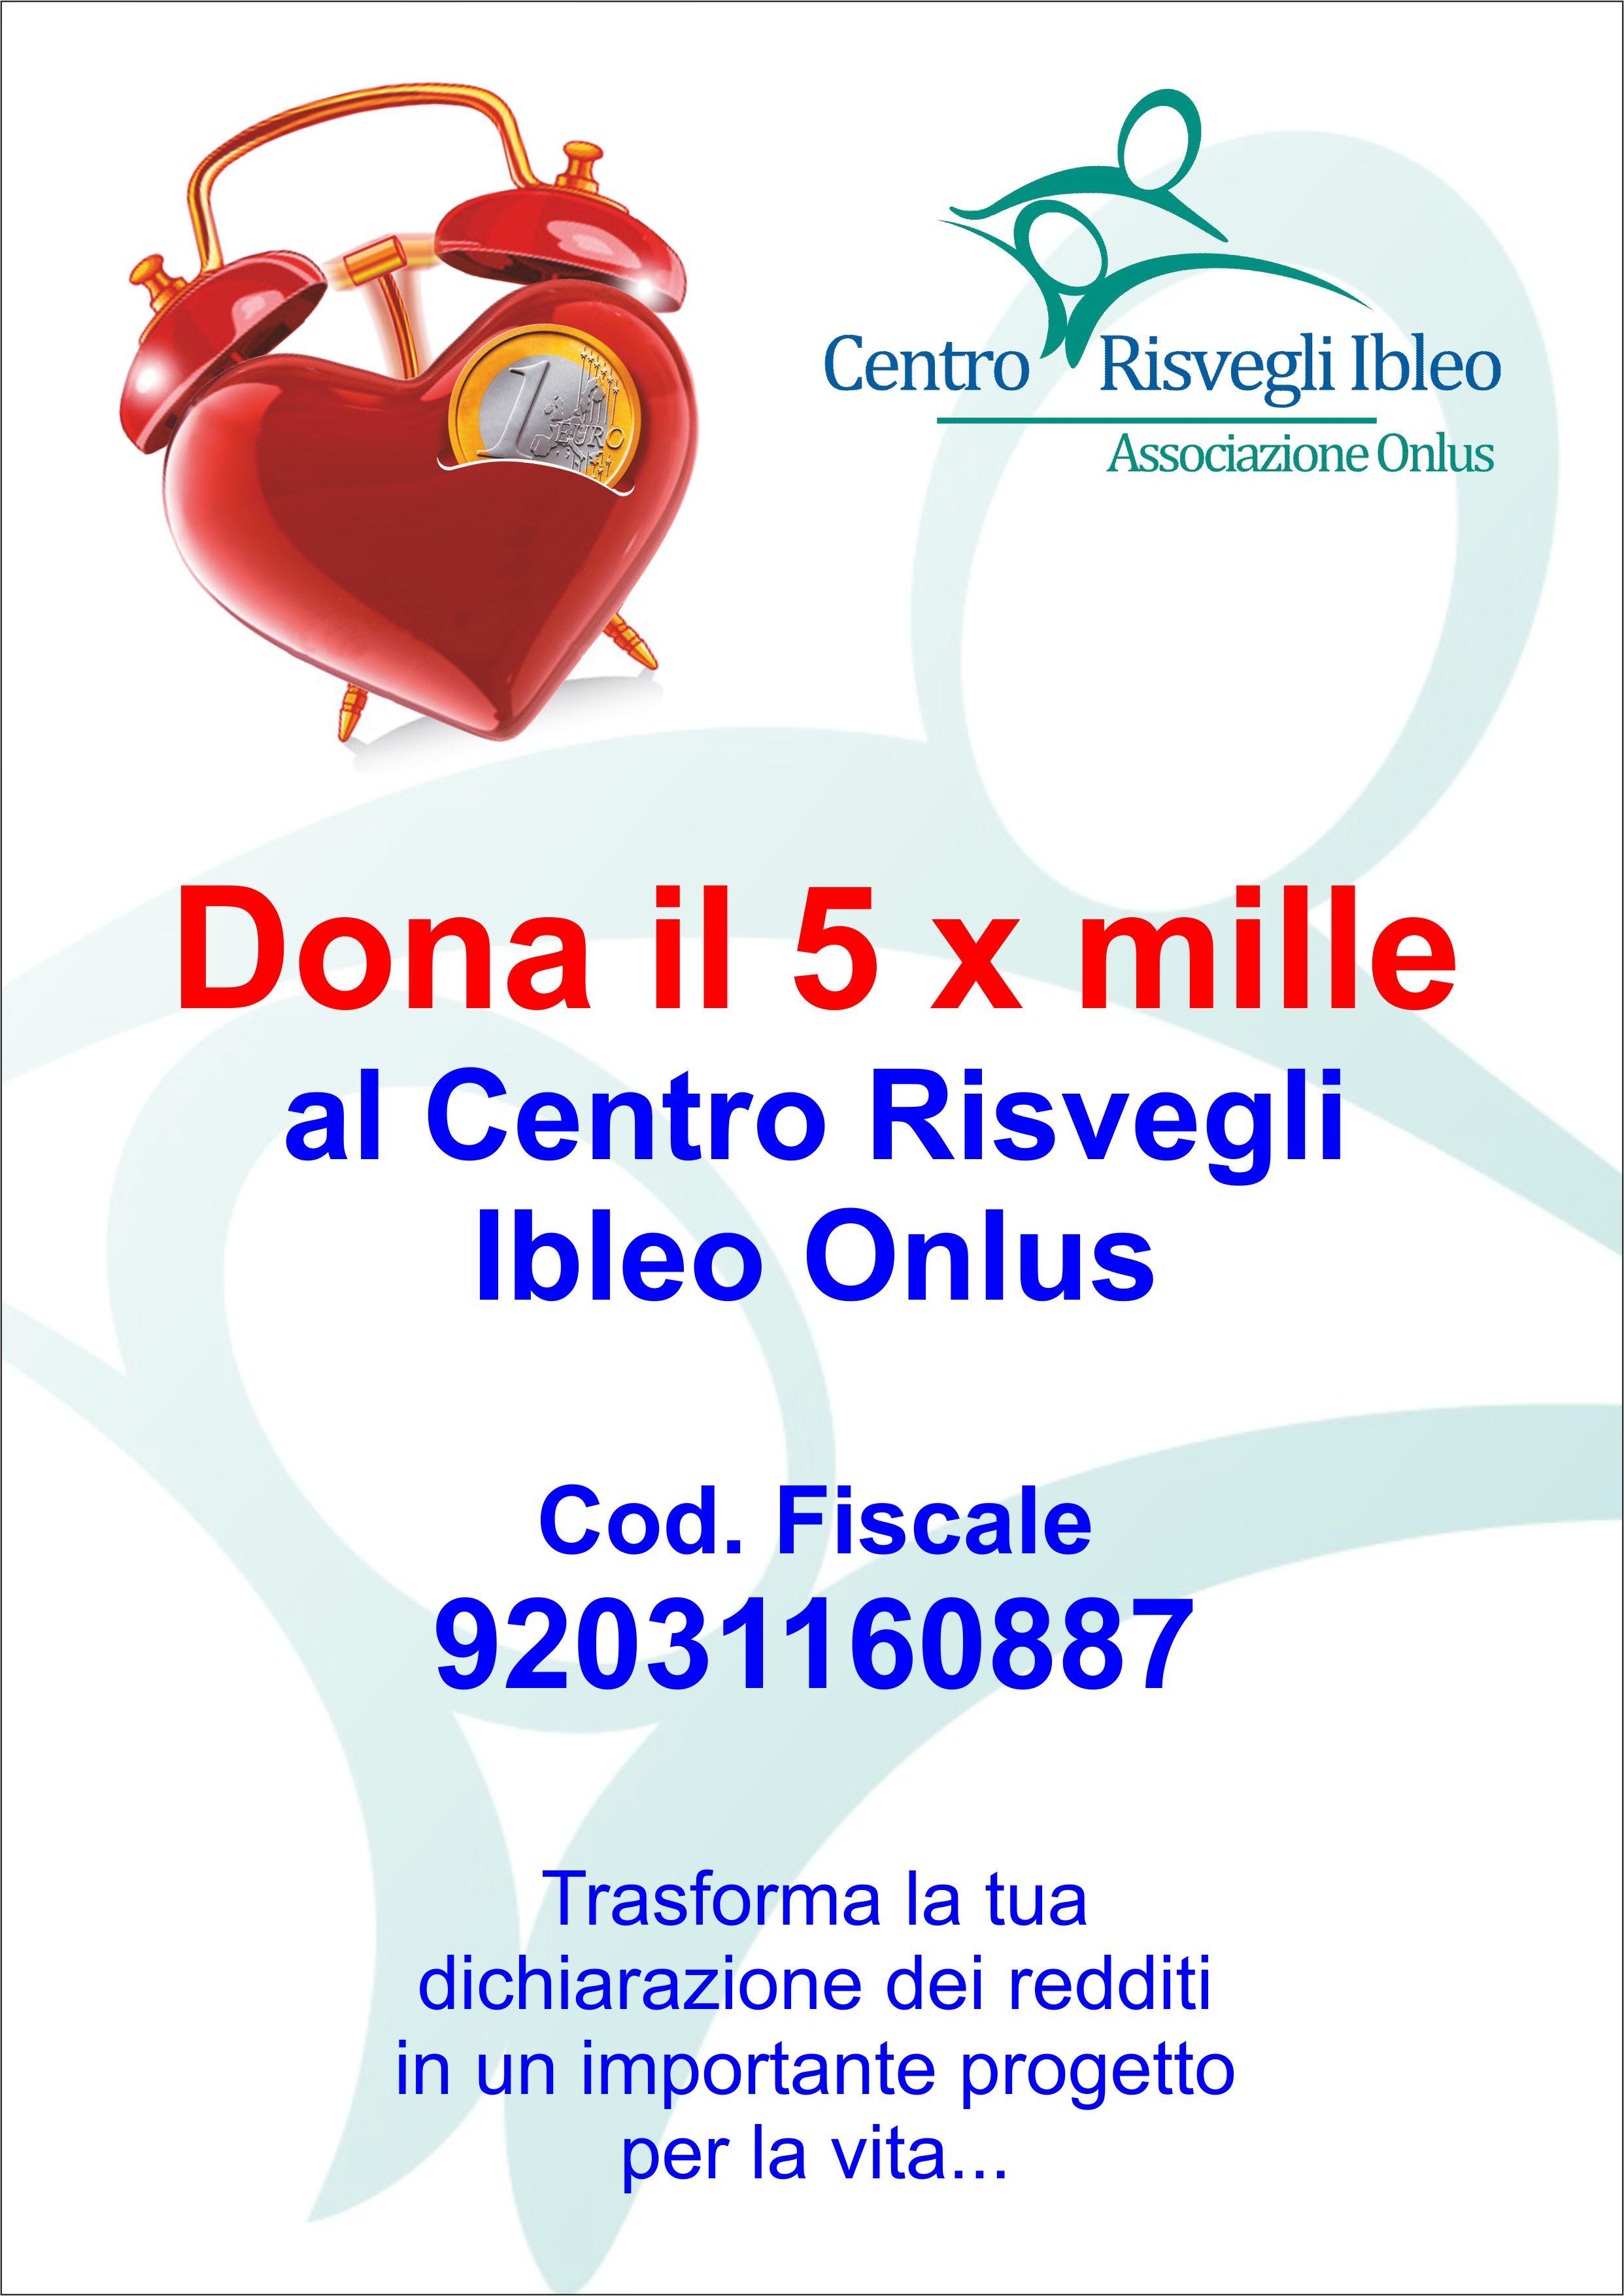 Centro Risvegli Ibleo